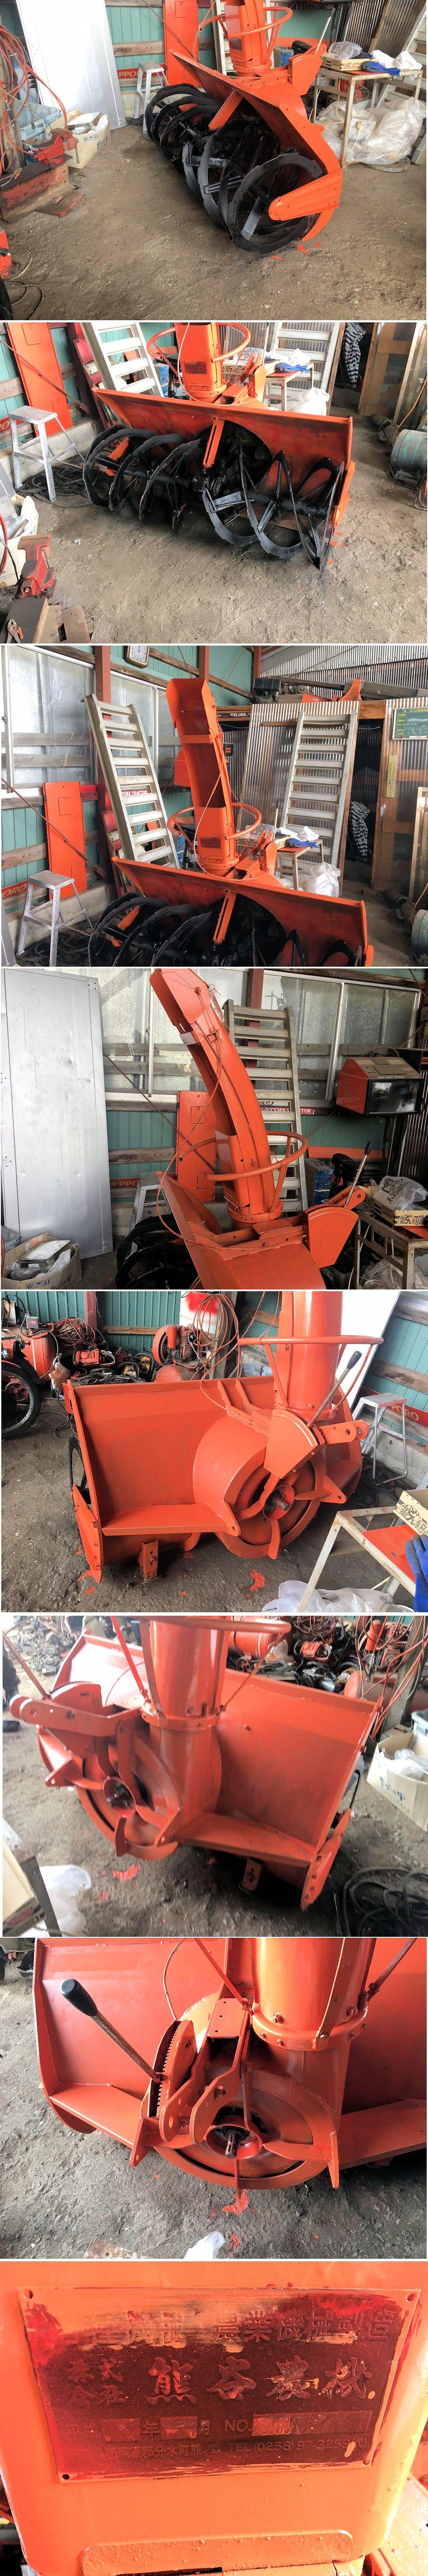 谷農機製 スノーラッセル トラクター用除雪機 手動 1500mm 現状 中古